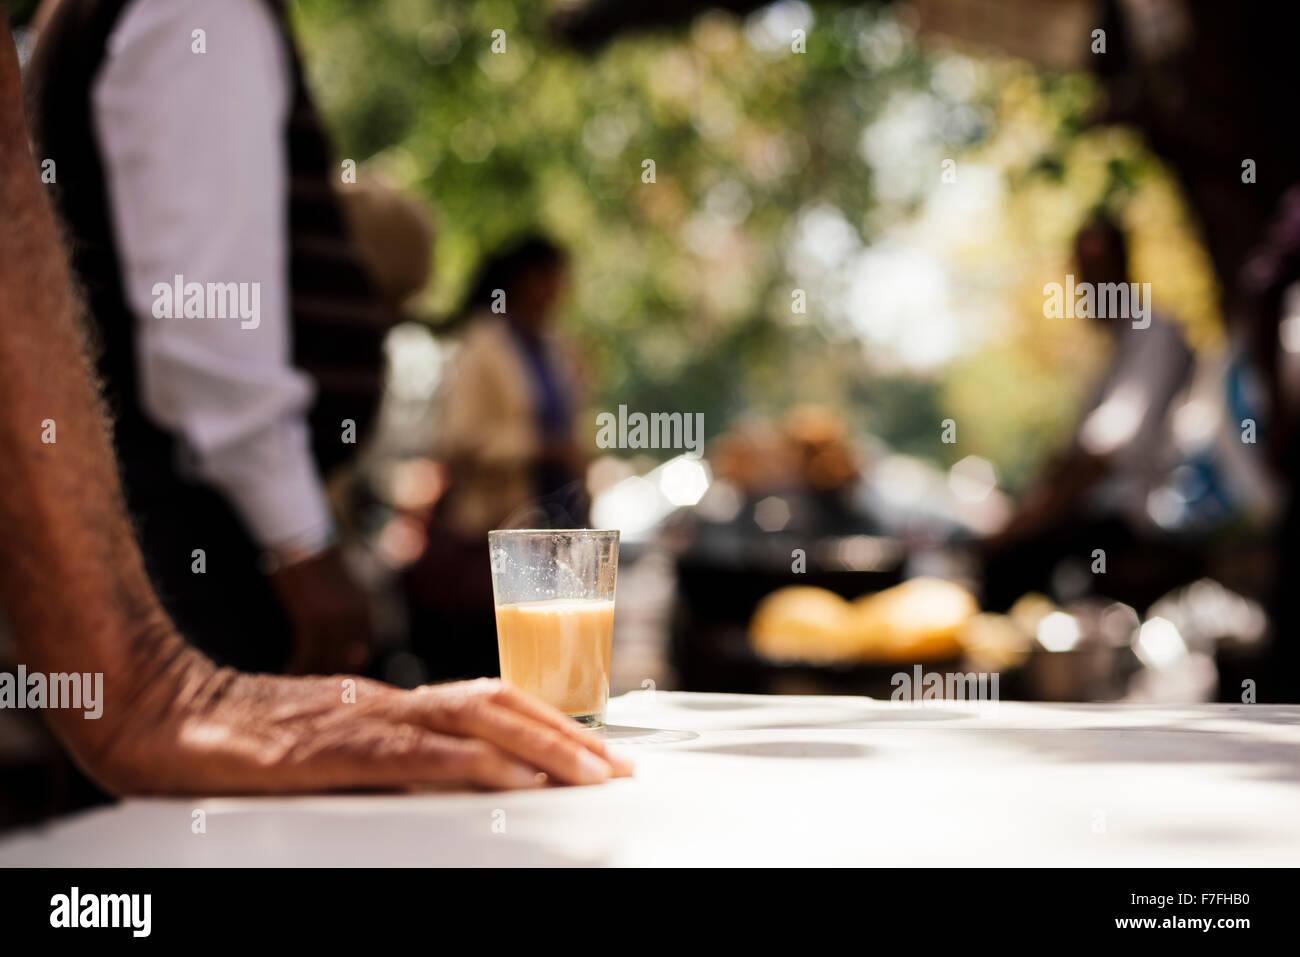 Uomo con bicchiere di Chai, settore 7, Chandigarh, Punjab / Provincia Haryana, India Immagini Stock